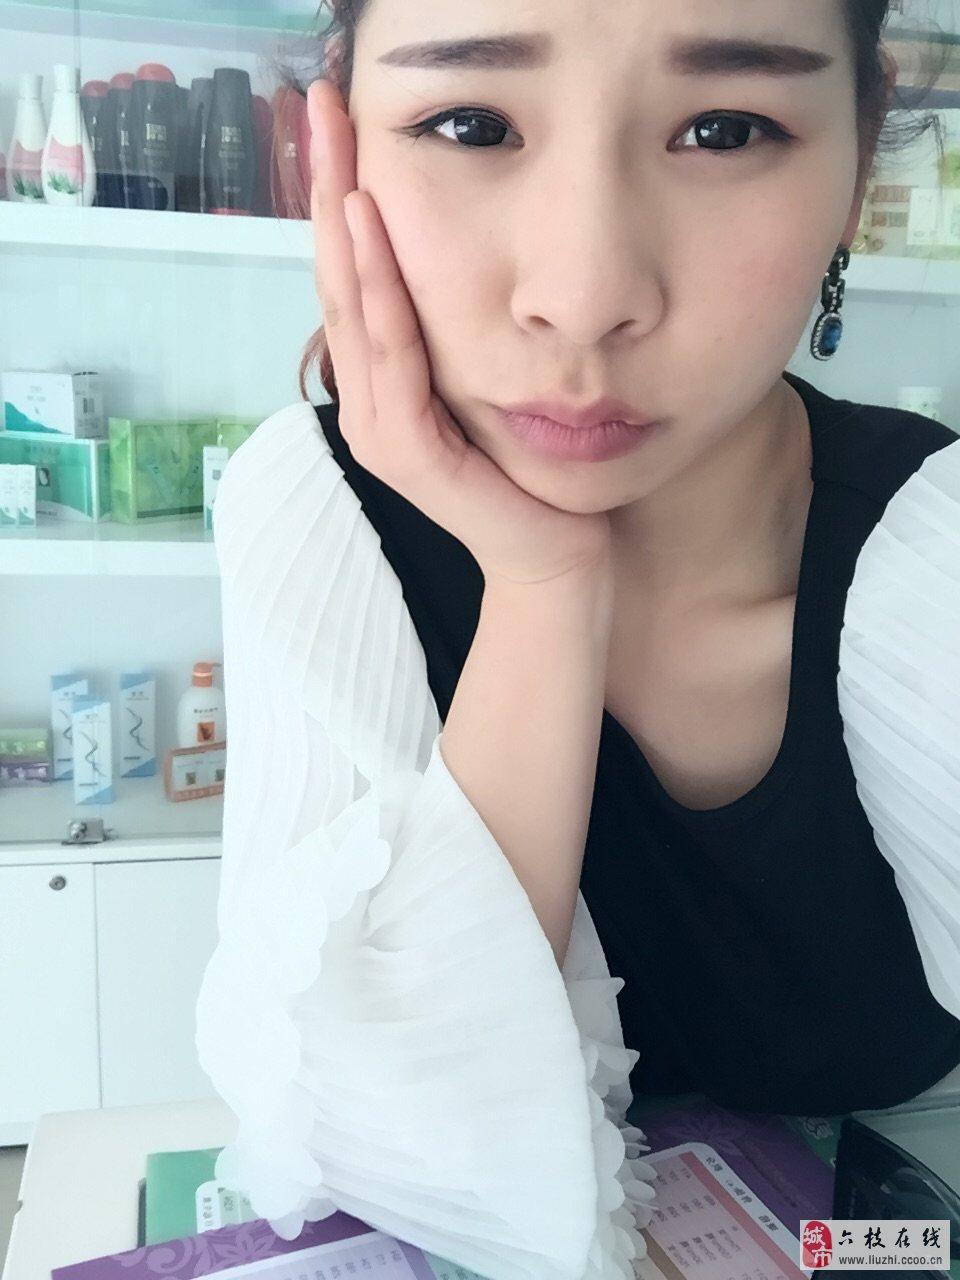 《六枝微封面》第六期No.1 李林 20 天平座 直销,美容顾问,经络养生